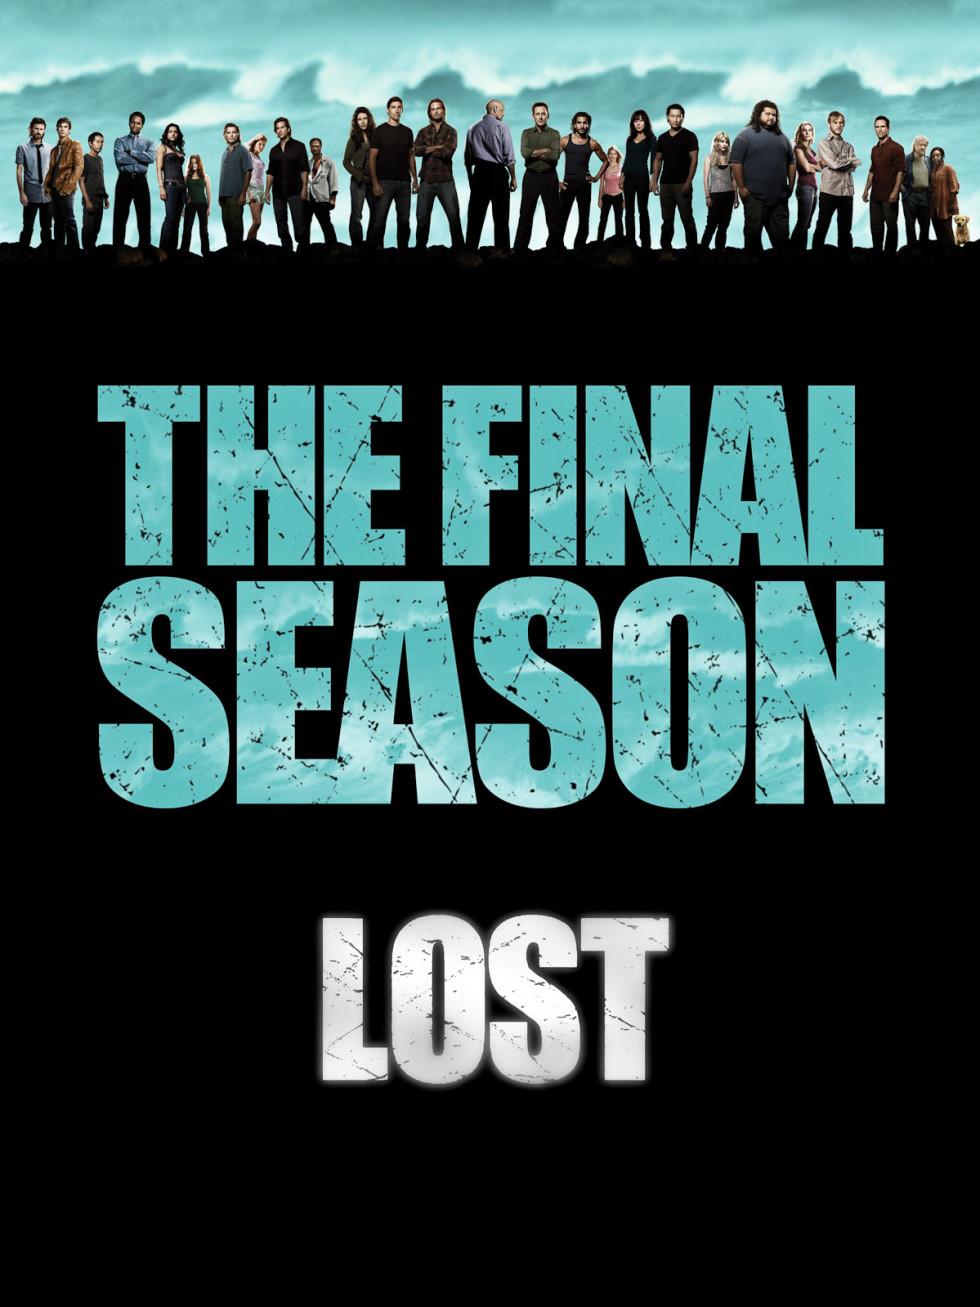 News_Lost season finale_Feb 10